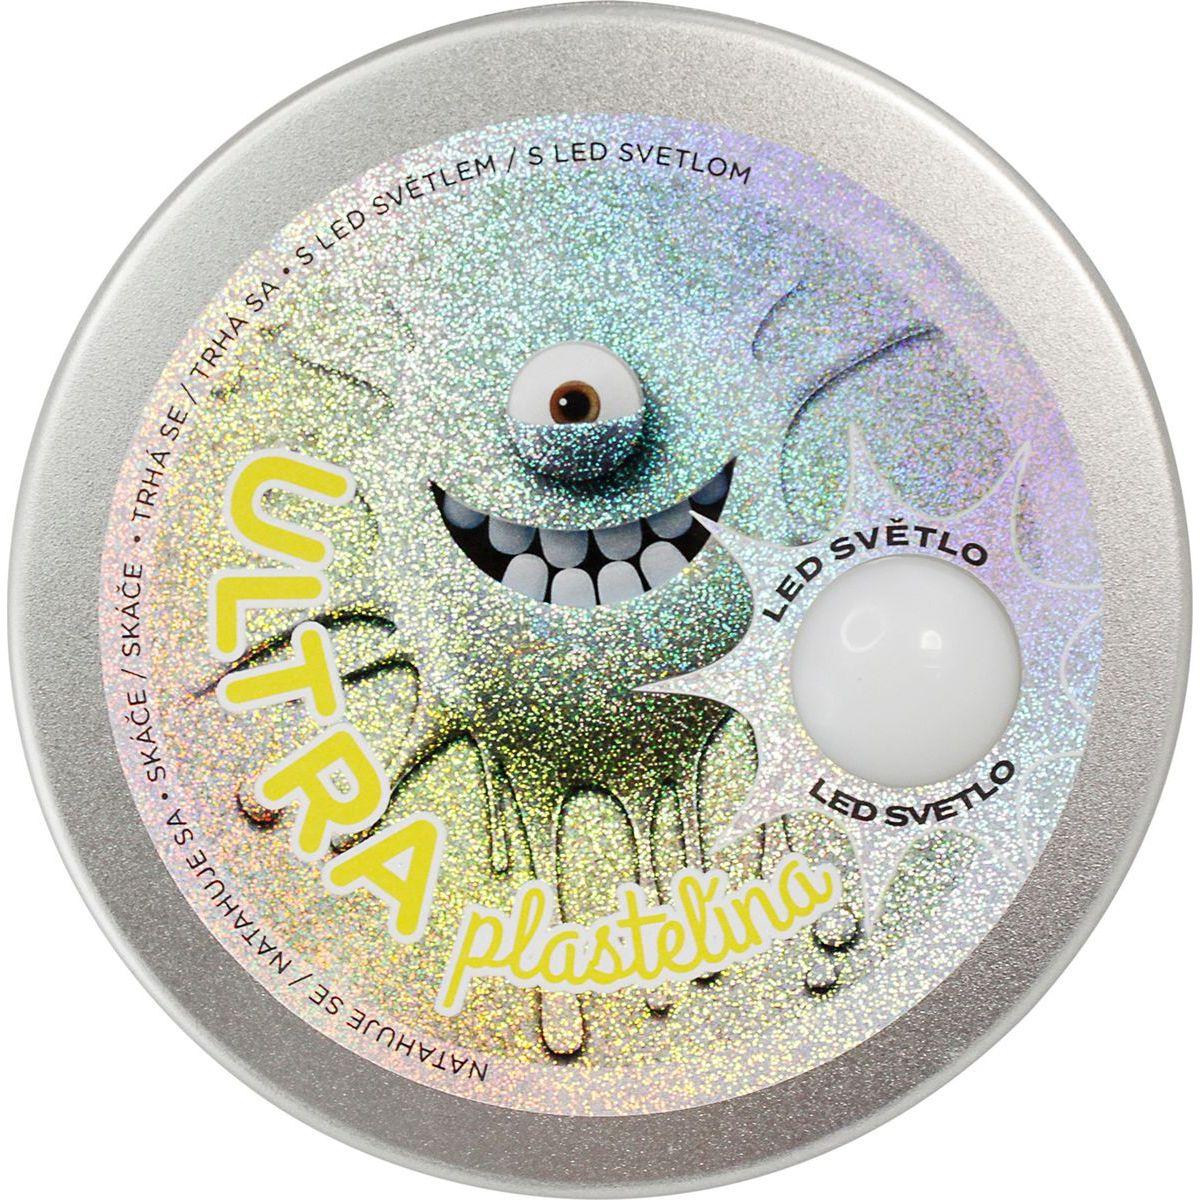 Ultra Plastelína 80g s led světlem žlutá